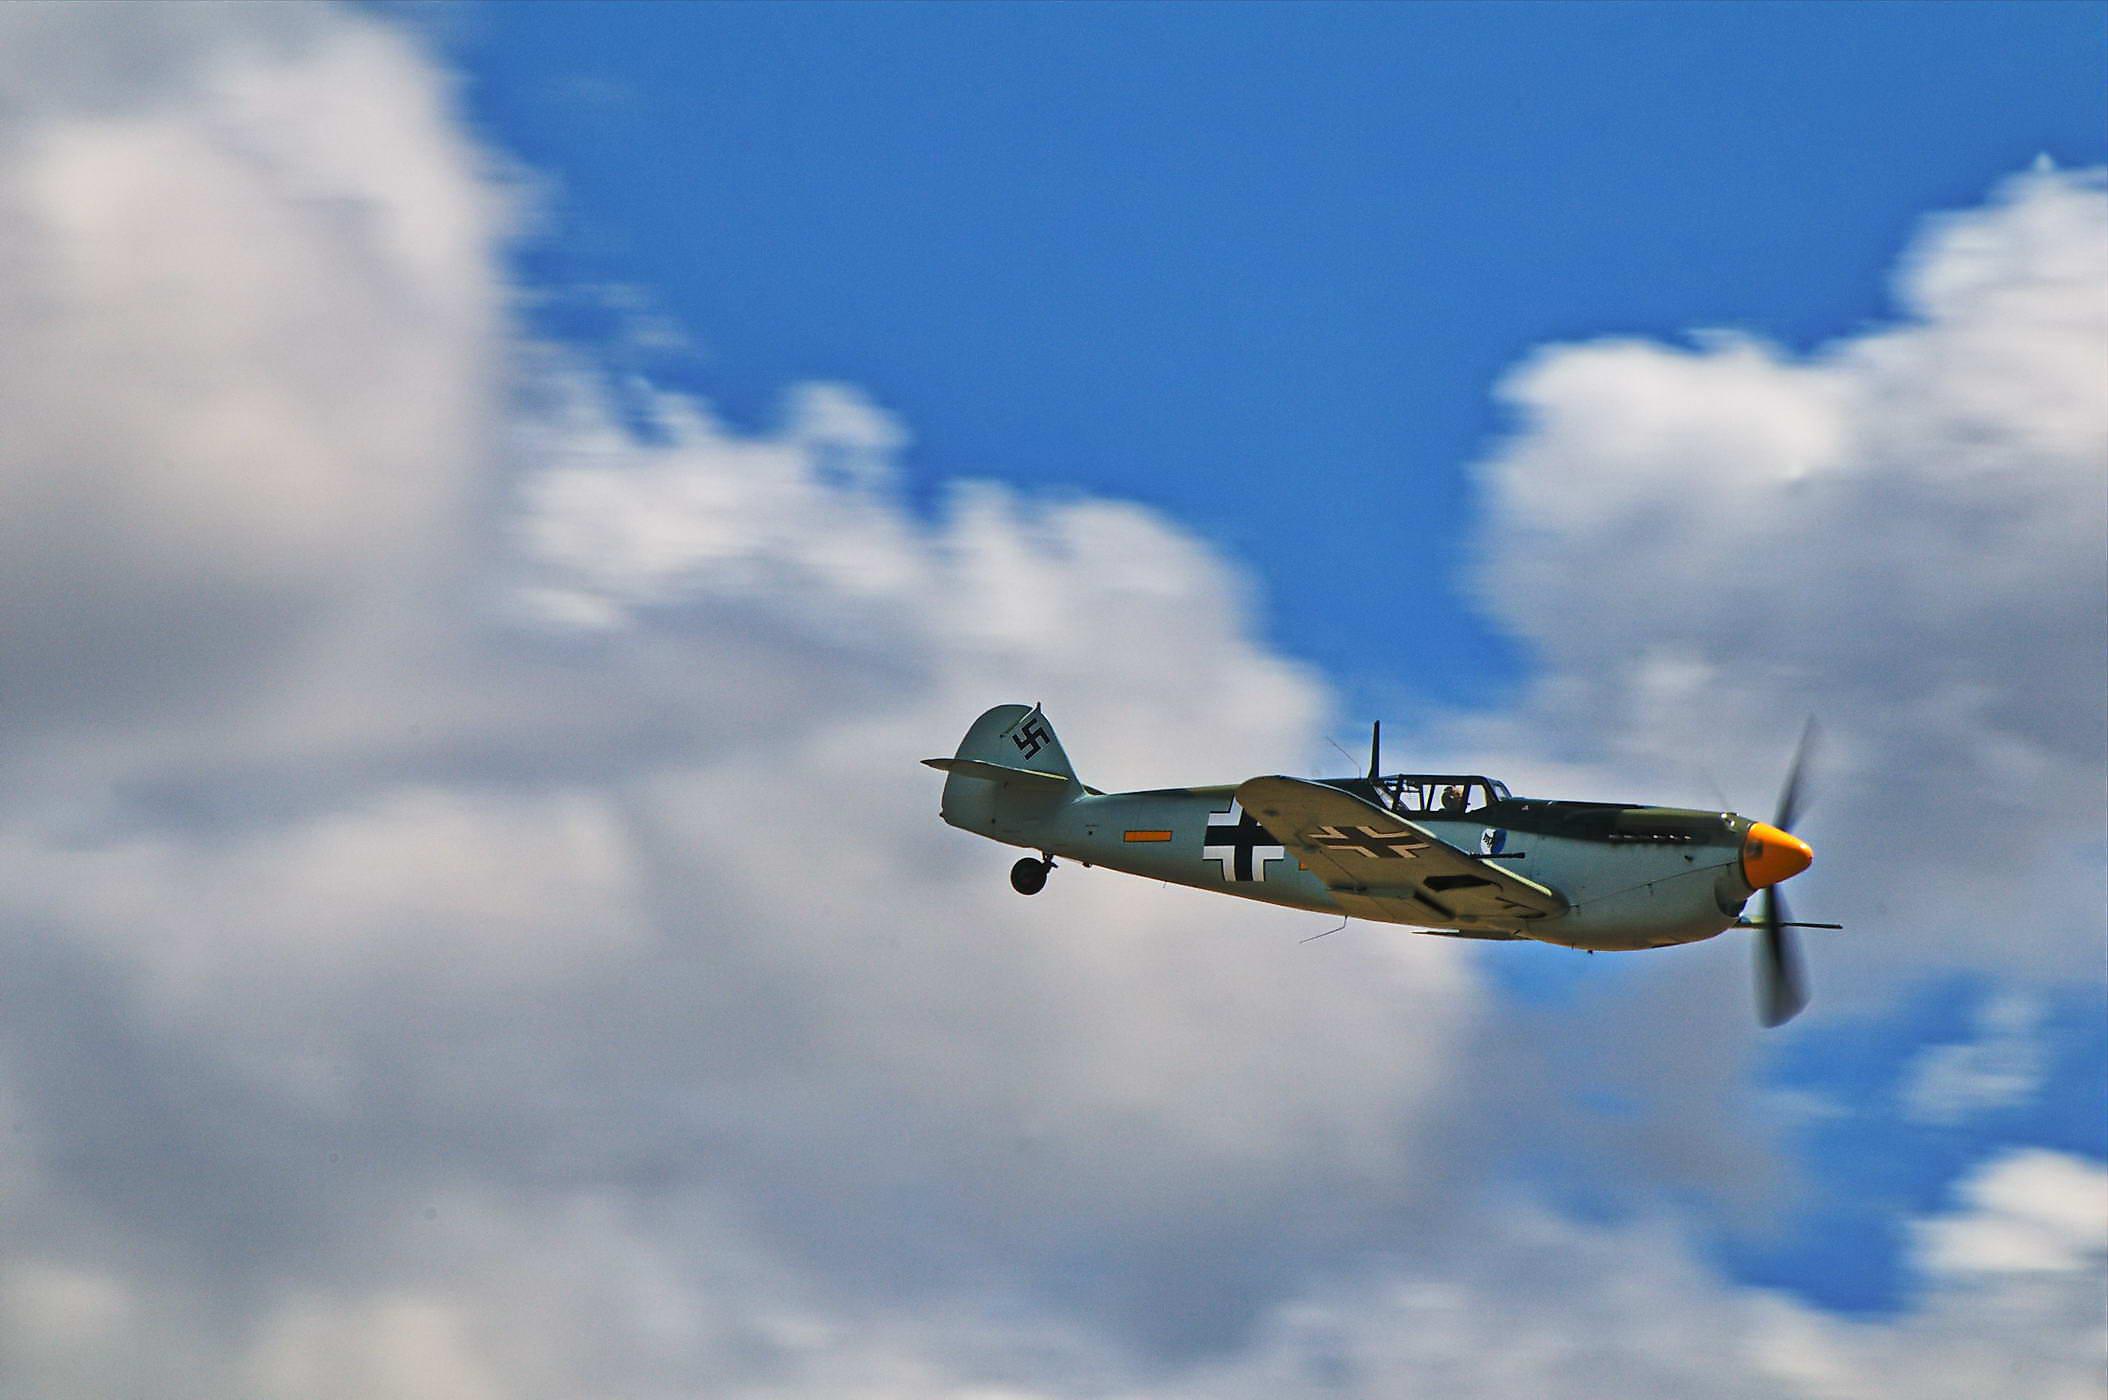 Hispano Buchon HA-1112-MIL C.4K-102